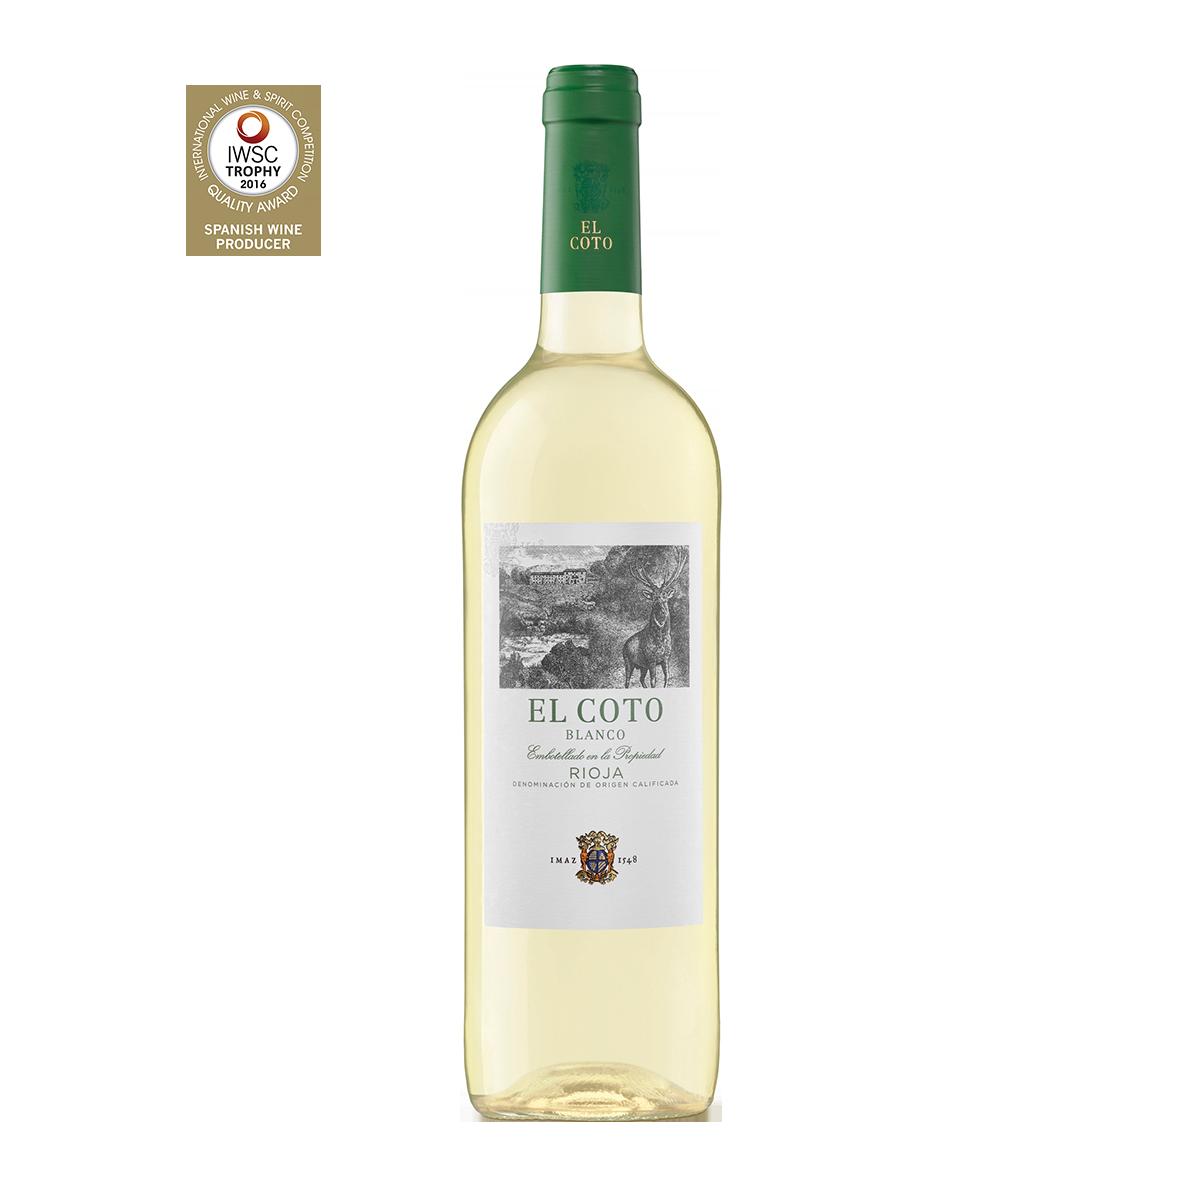 ESC2101 西班牙愛格多瑞鹿高級白葡萄酒 El Coto Blanco Rioja D.O.Ca.